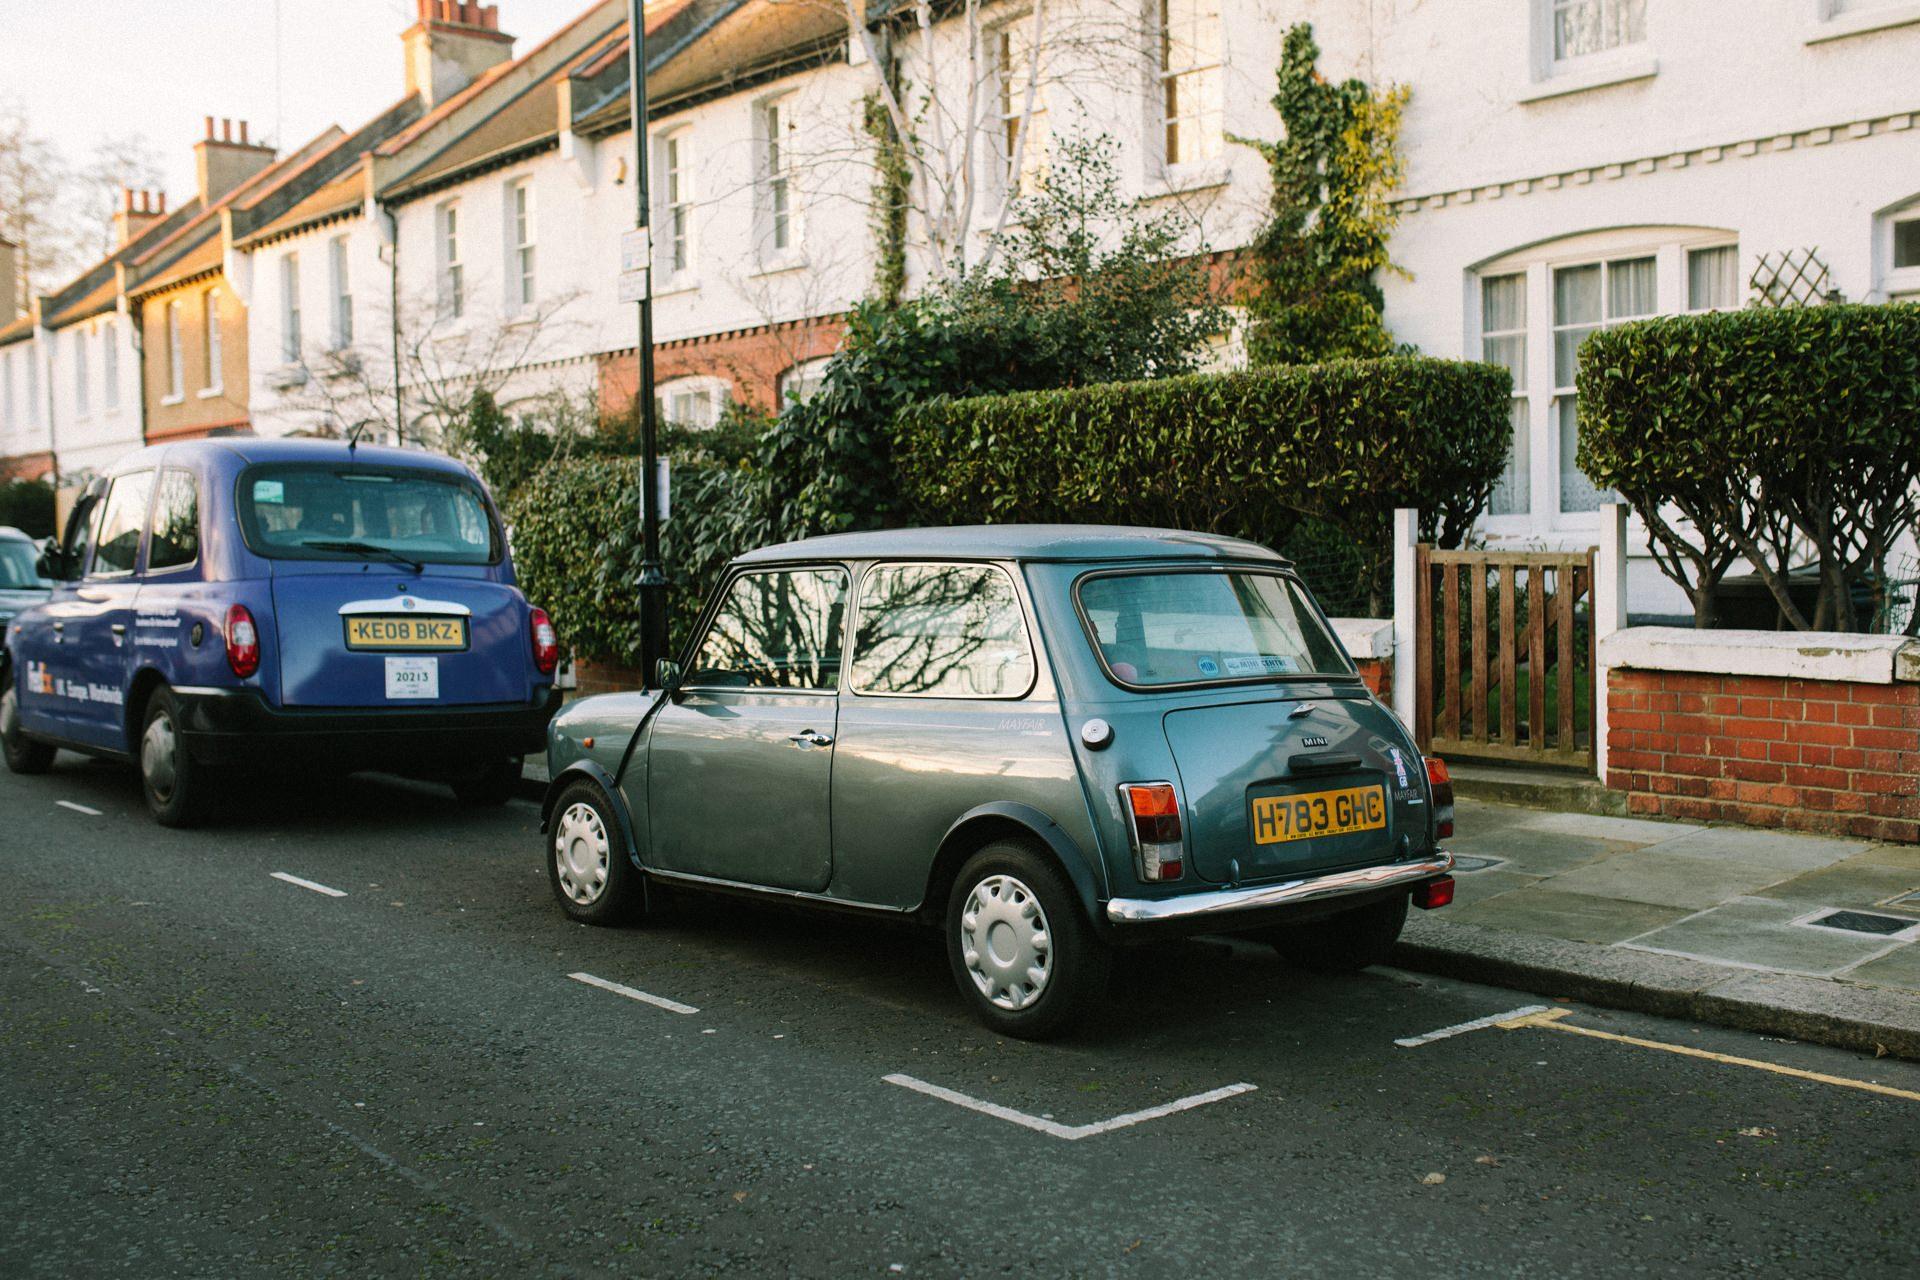 Ein alter Mini am Straßenrand in London – Was können Fotografen gegen den Klimawandel tun?